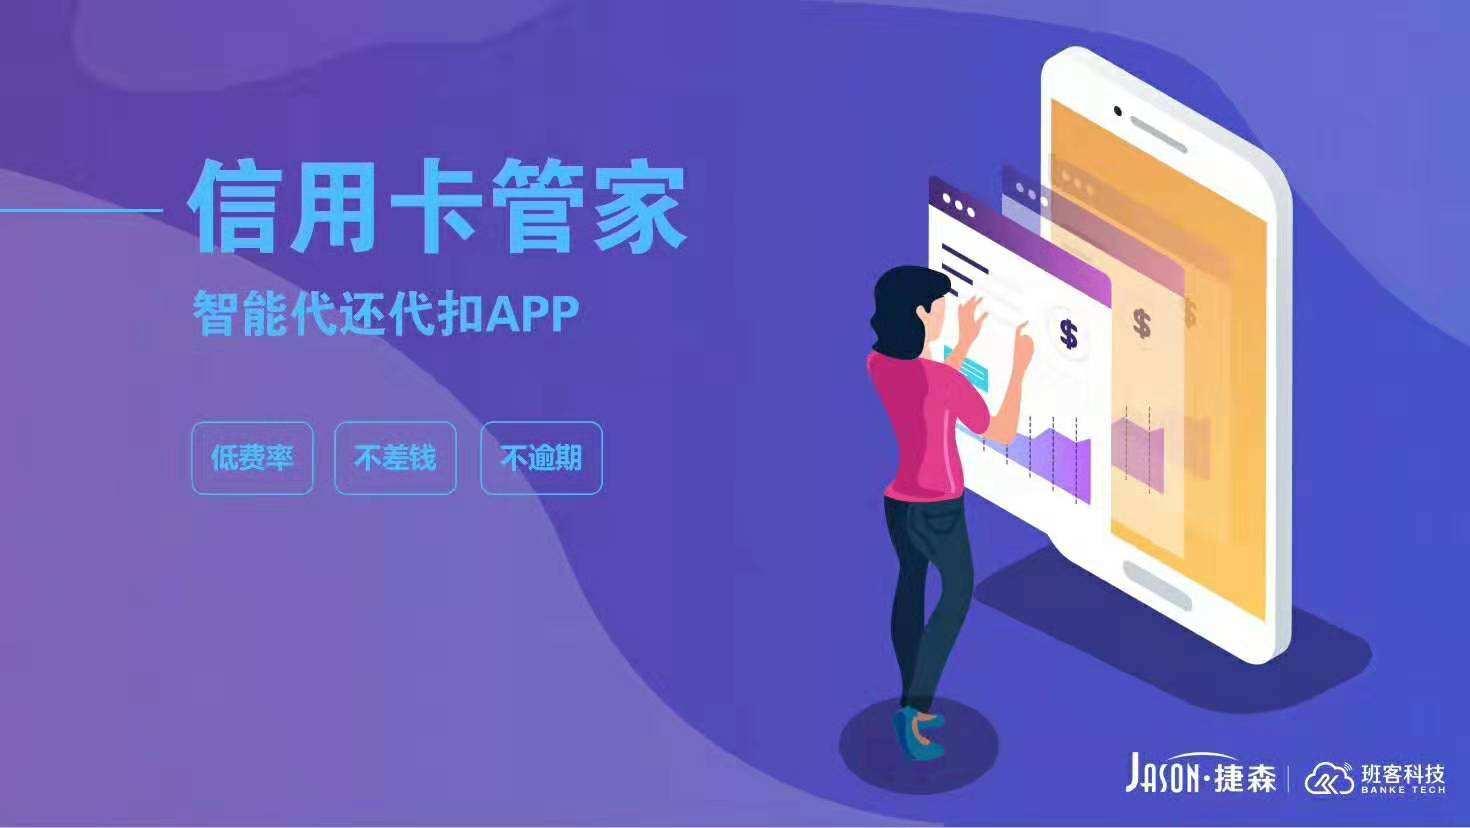 信用卡企业网站源码(企业信用网站) (https://www.oilcn.net.cn/) 网站运营 第8张